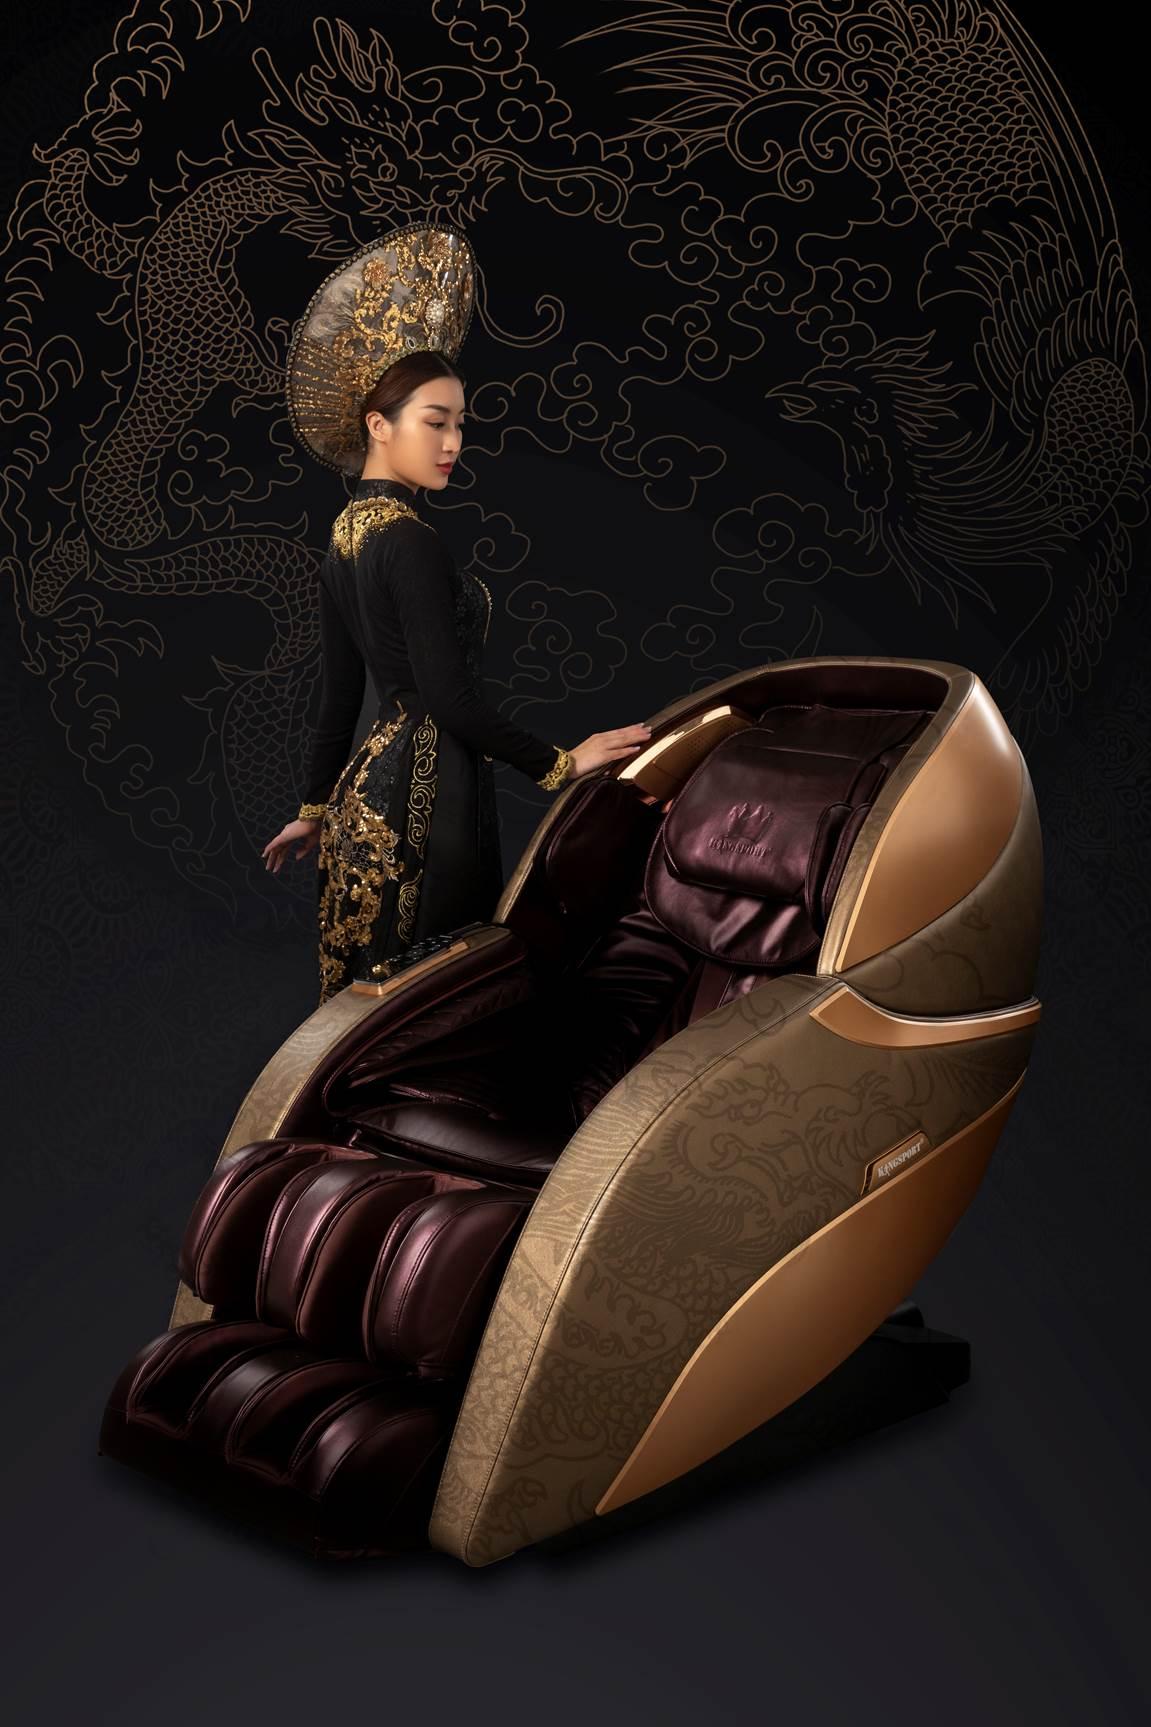 Hình ảnh Đỗ Mỹ Linh diện áo dài đen kiêu sa, bên thiết kế ghế massage mới của Kingsport là sự kết hợp tinh tế được cả giá trị truyền thống và hơi thở hiện đại.